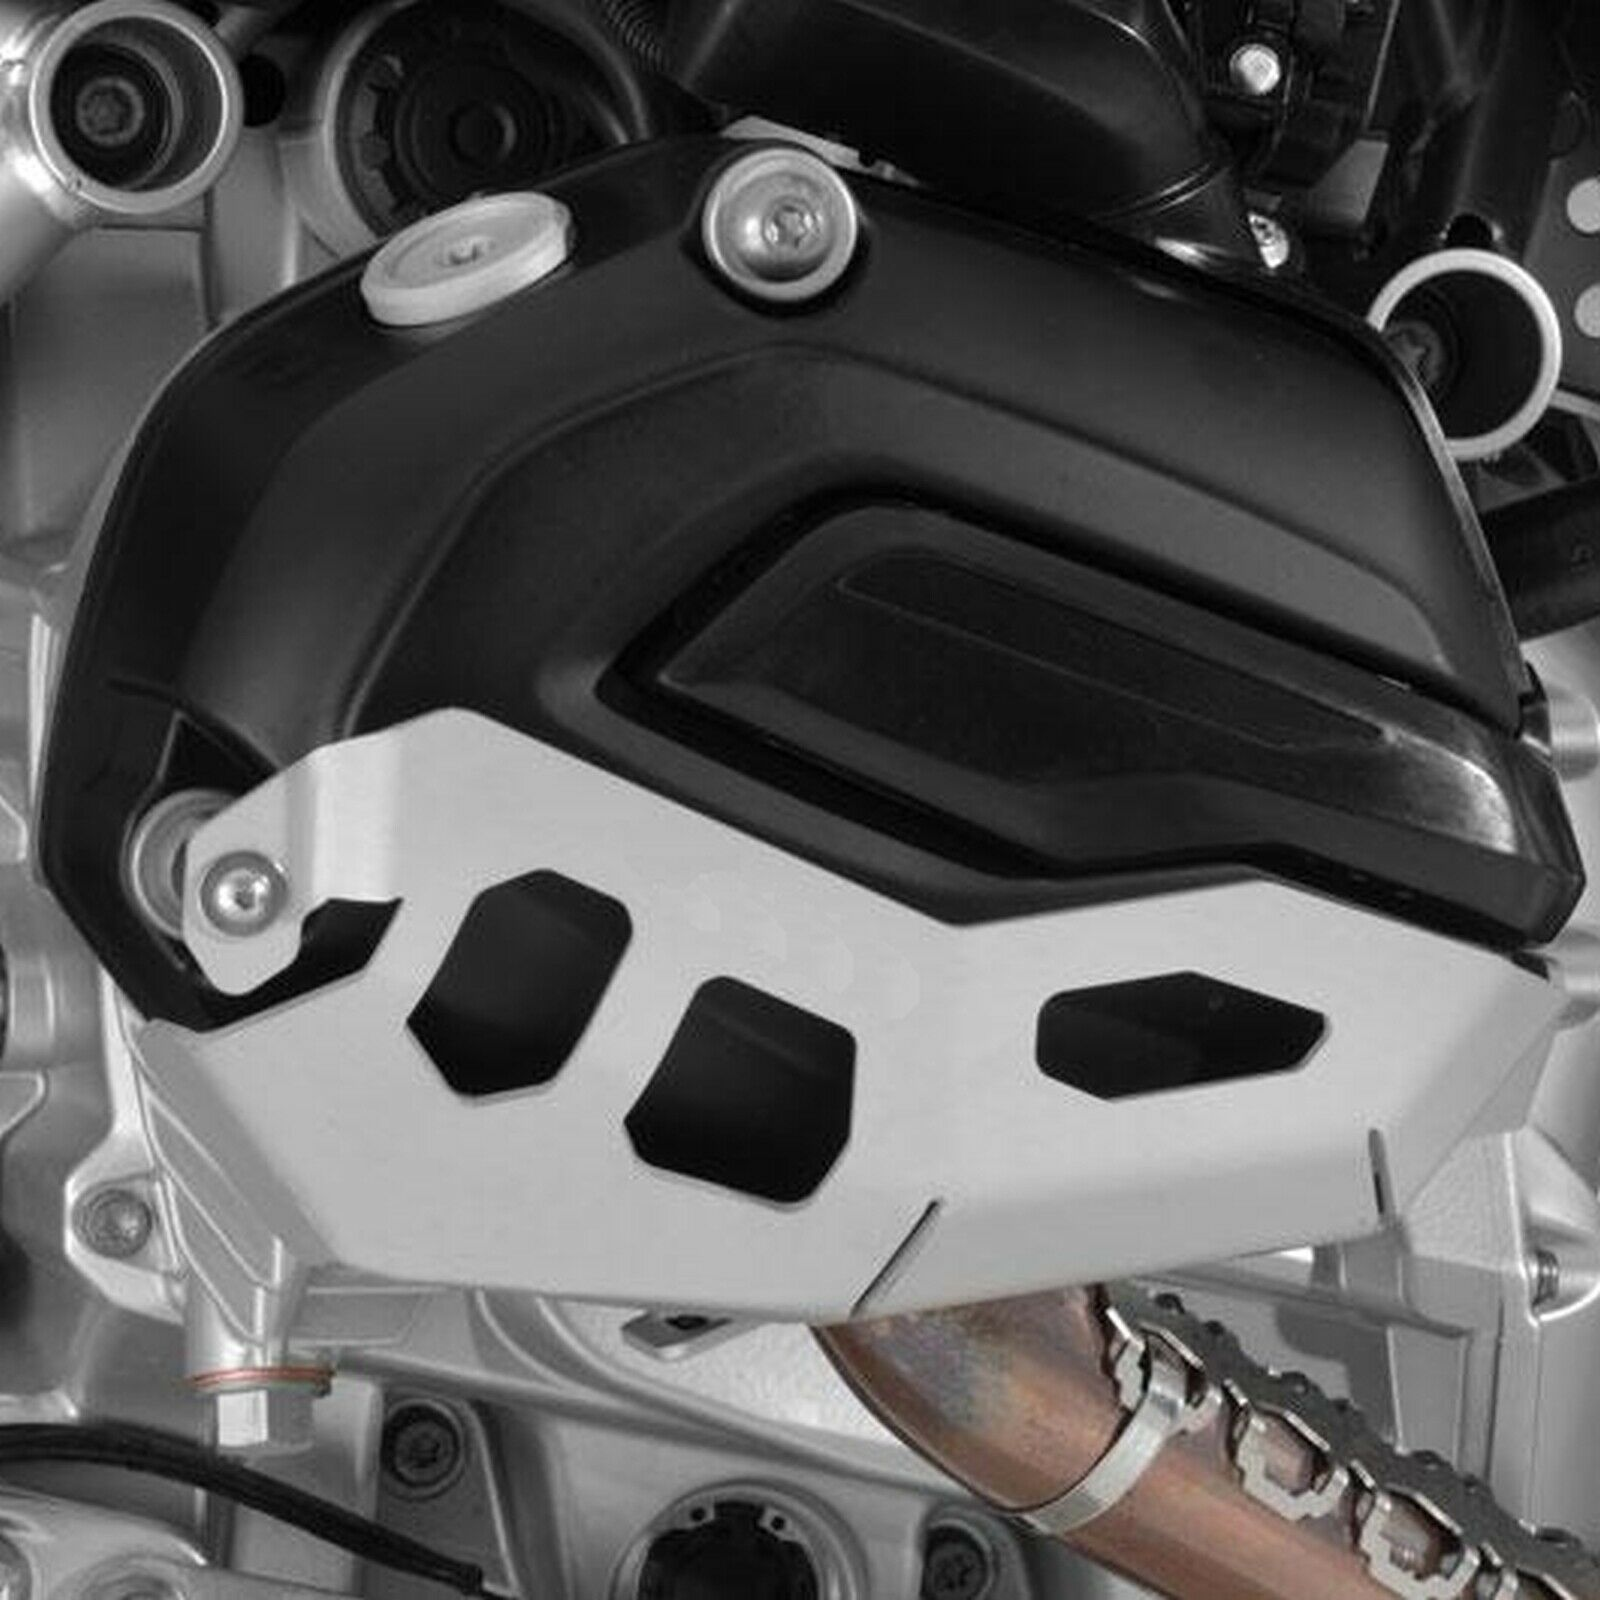 BMW Satz Zylinderschutz Aluminium R1200GS R1200RT R1200R Wassergekühlt 2014 2018